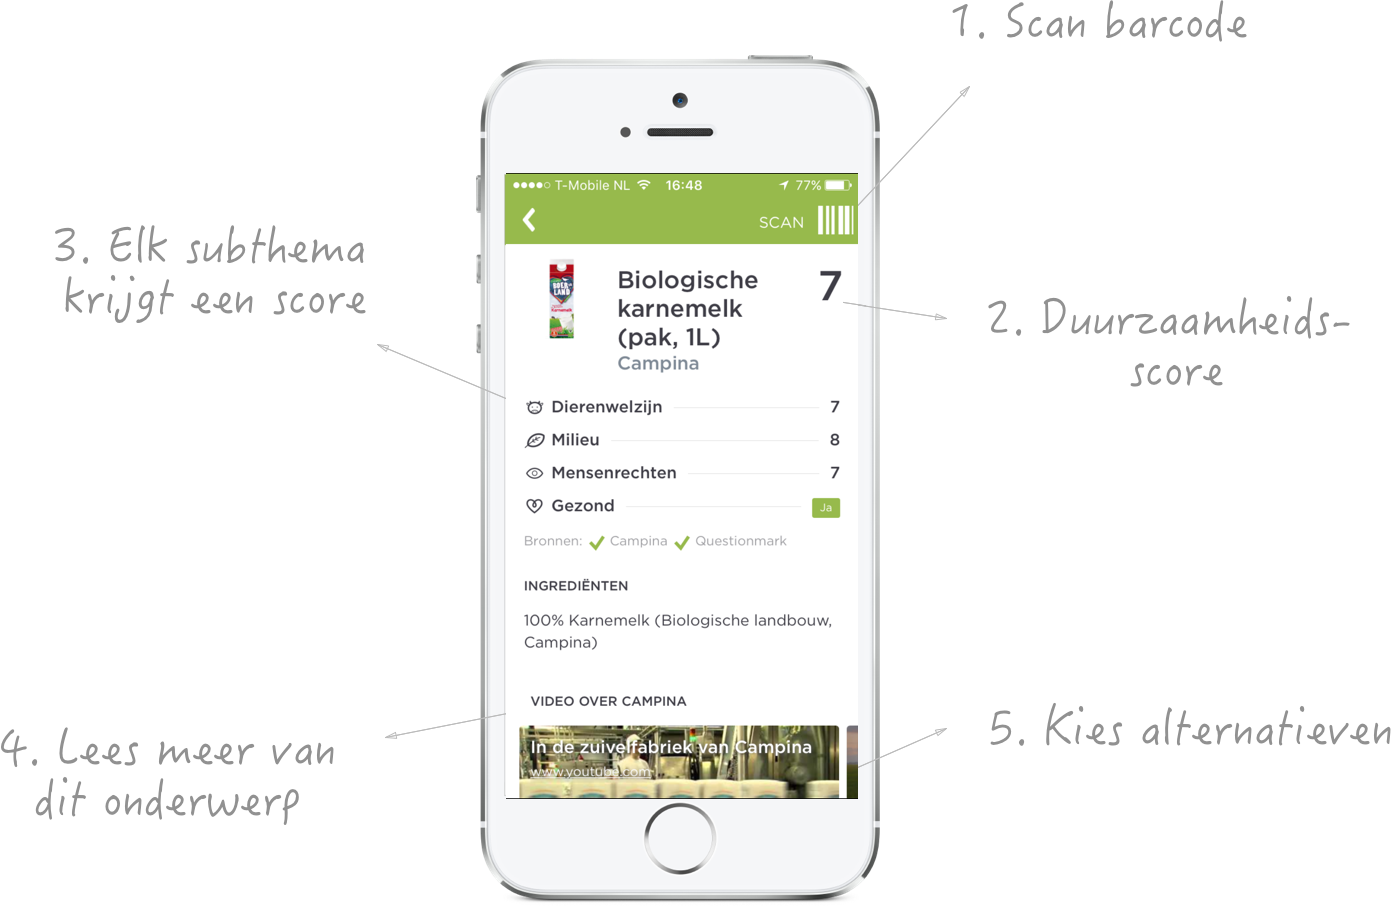 De gratis Questionmark app, scan supermarktproducten